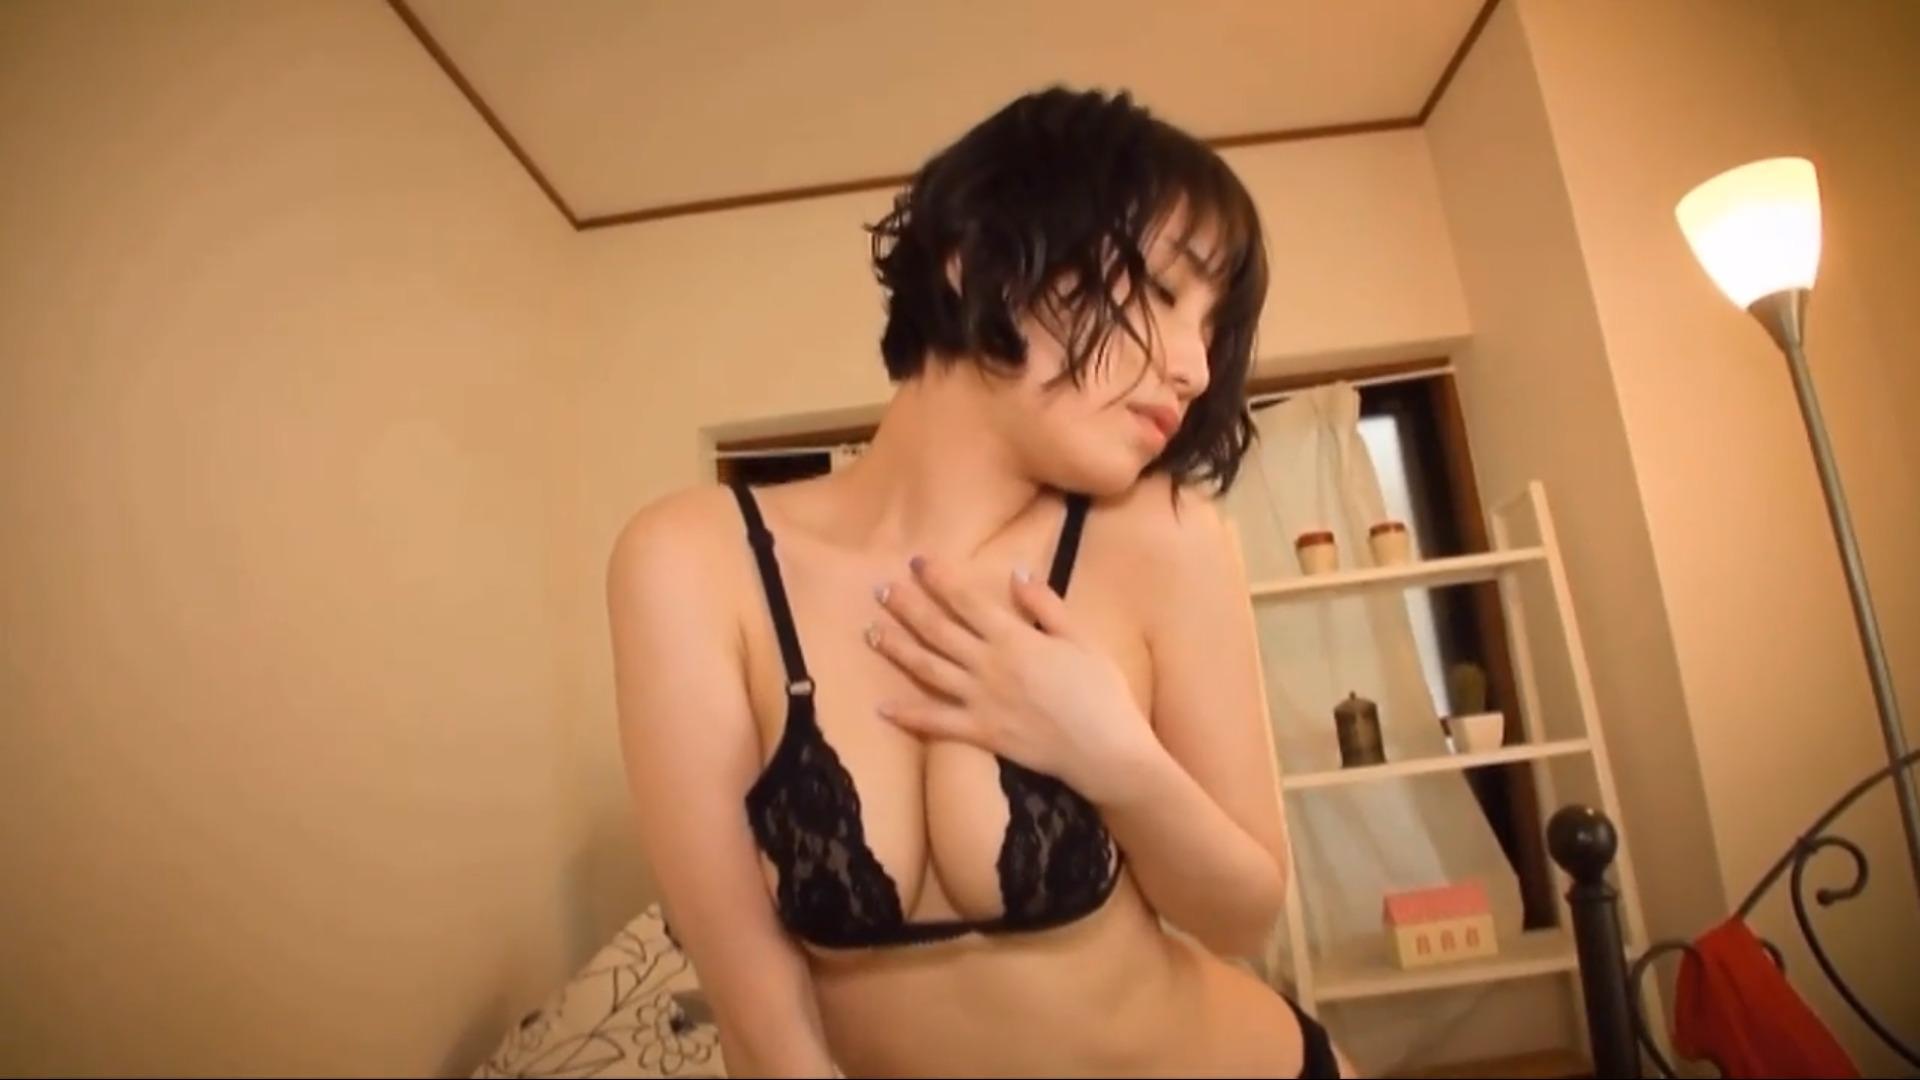 【大崎由希】Fカップ6 イメージビデオの域超えちゃってる!?手ブラで腰振り!?